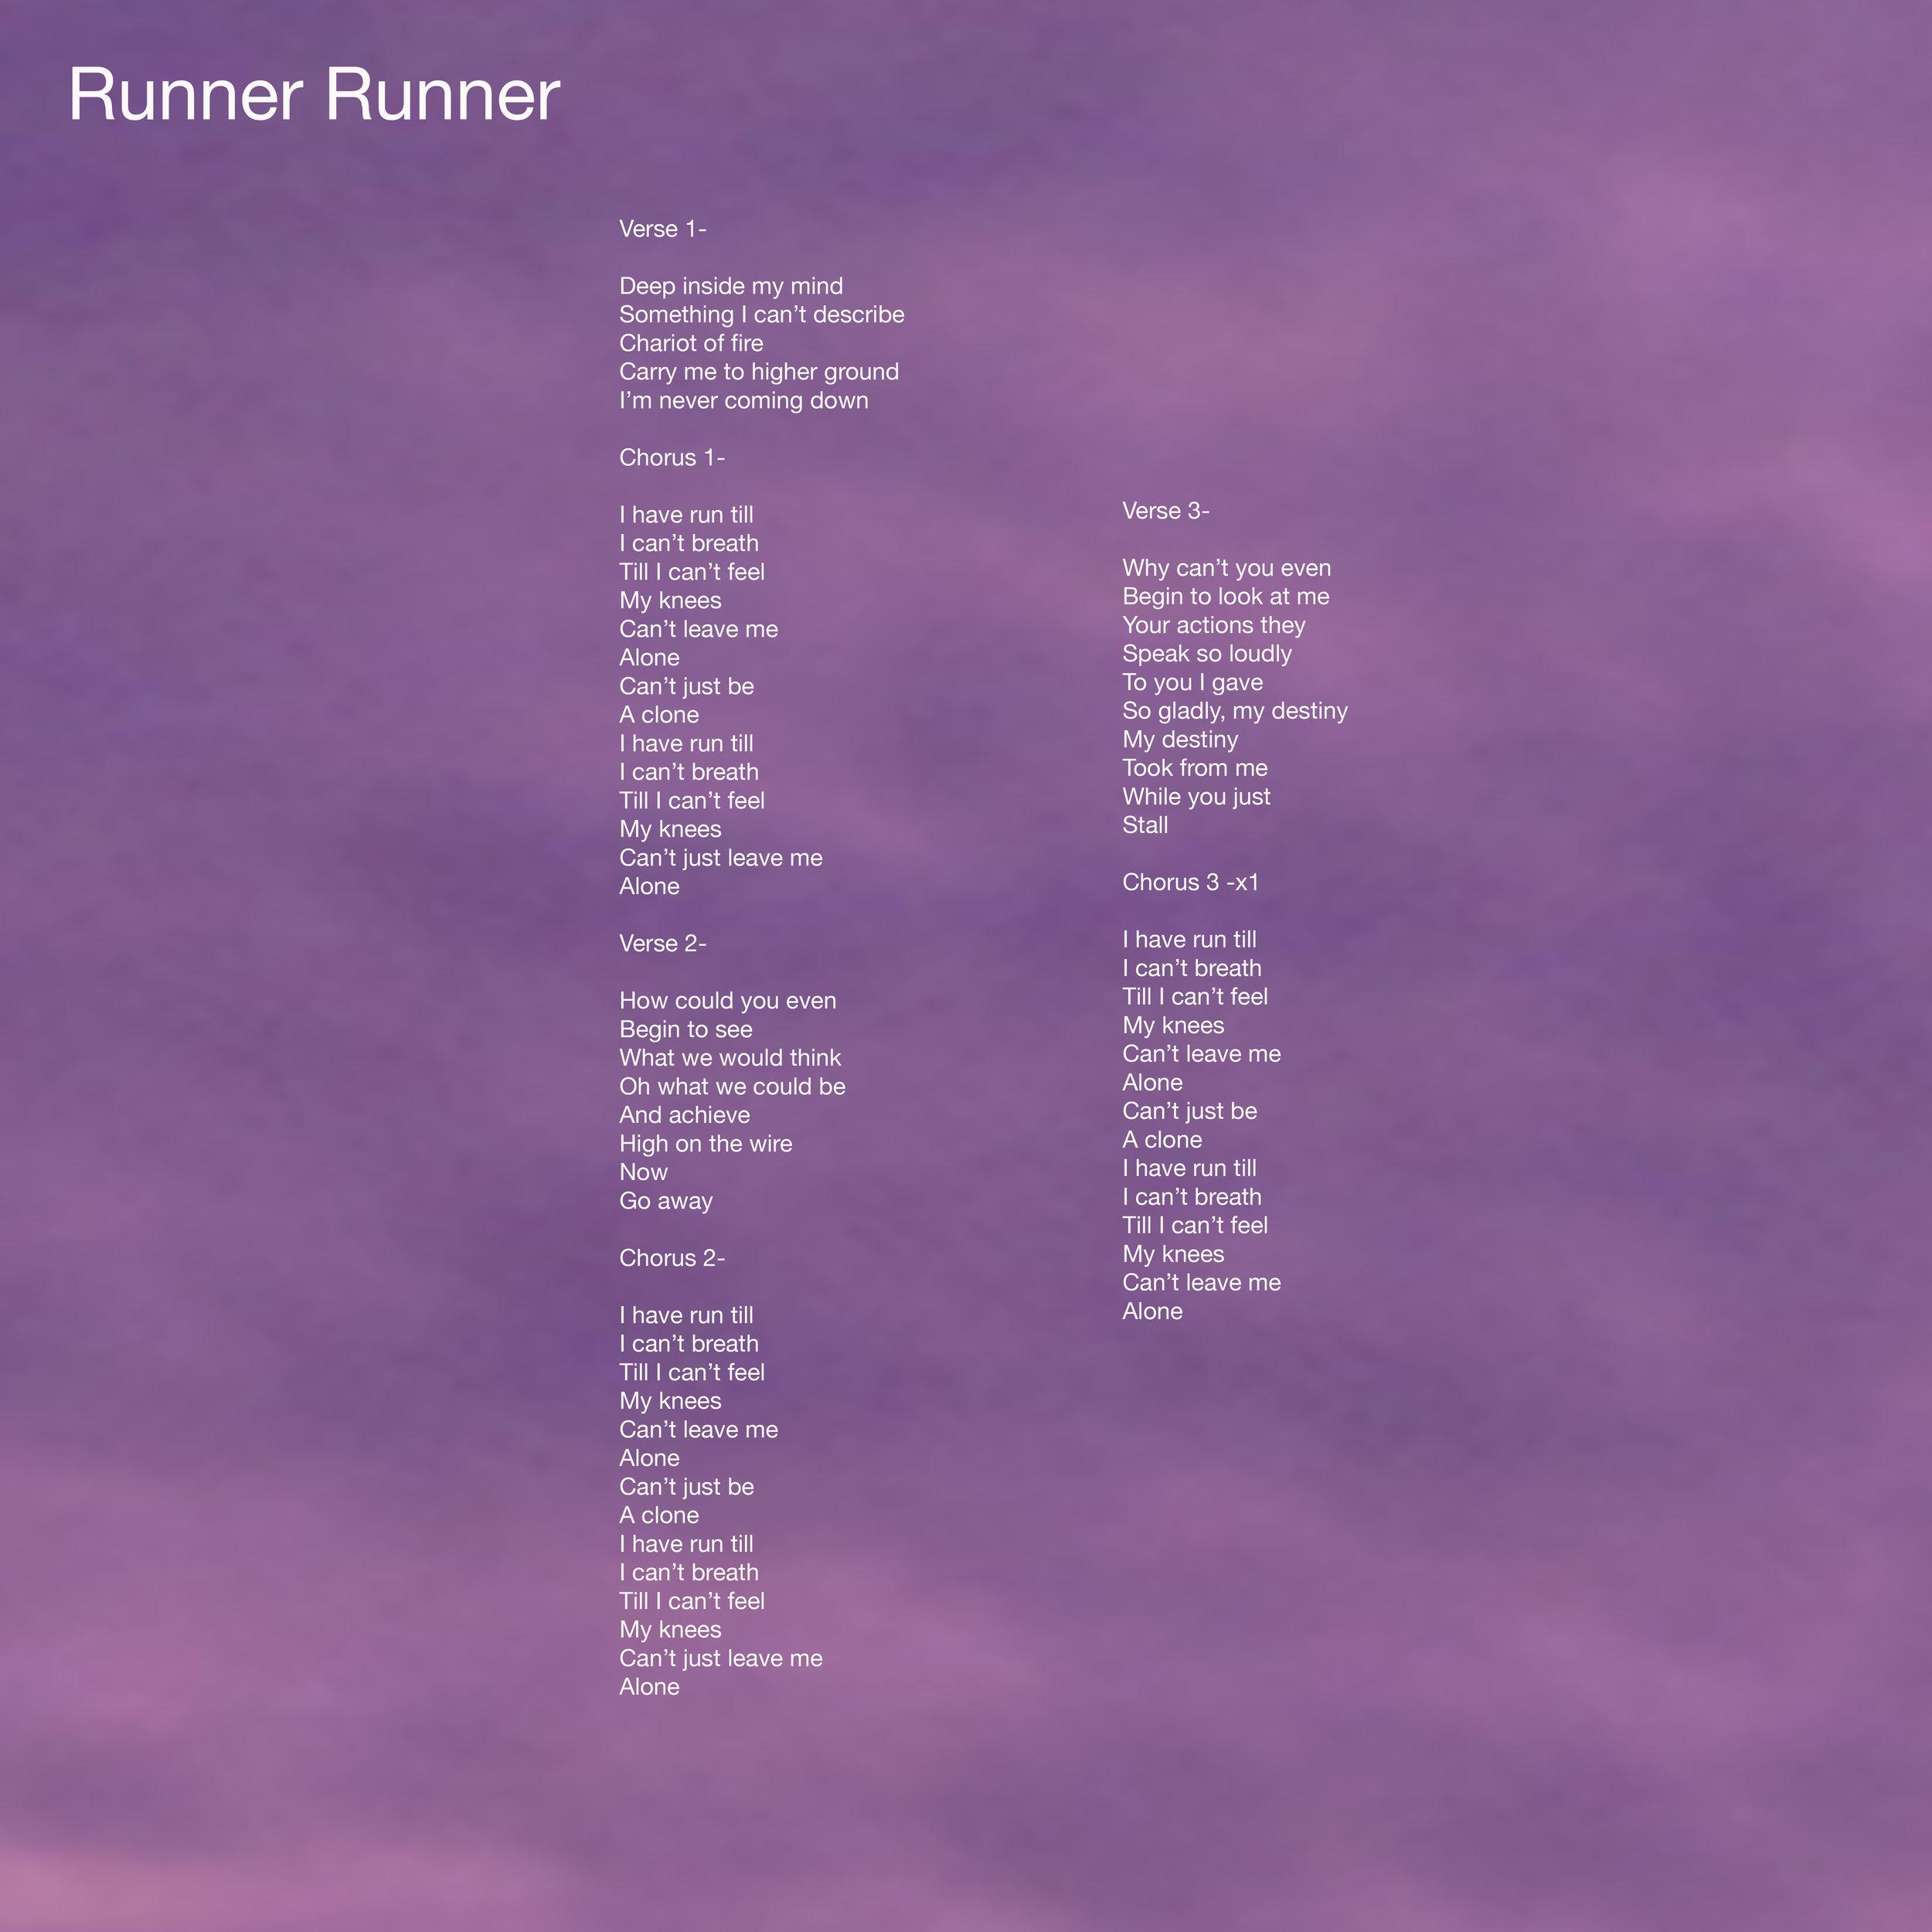 RunnerRunnerROOM101LyricArtDLX.jpg